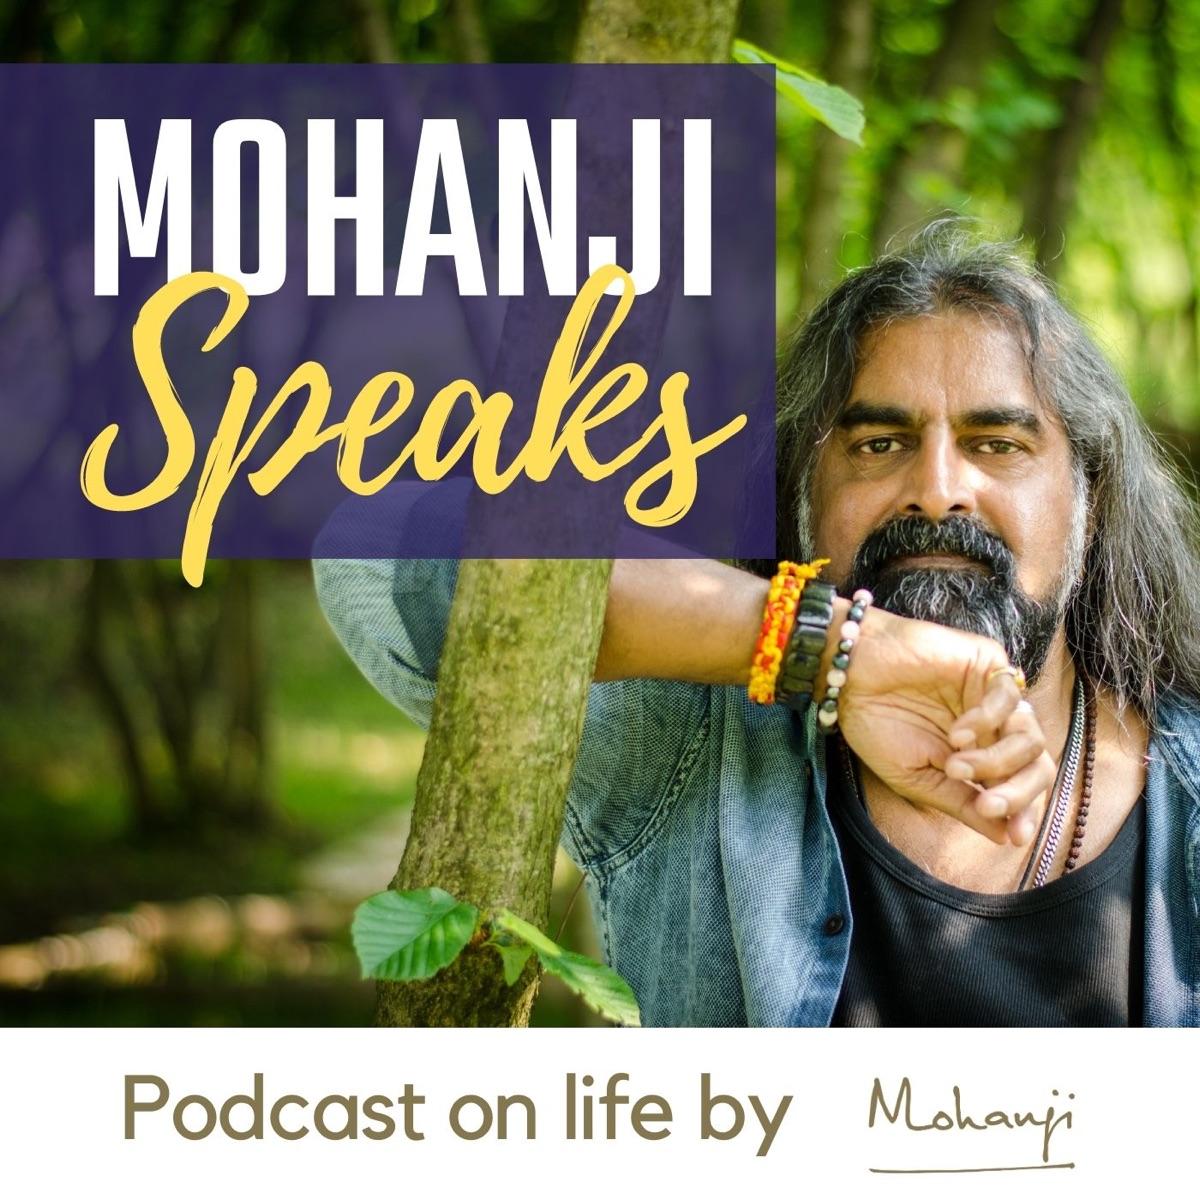 Mohanji Speaks